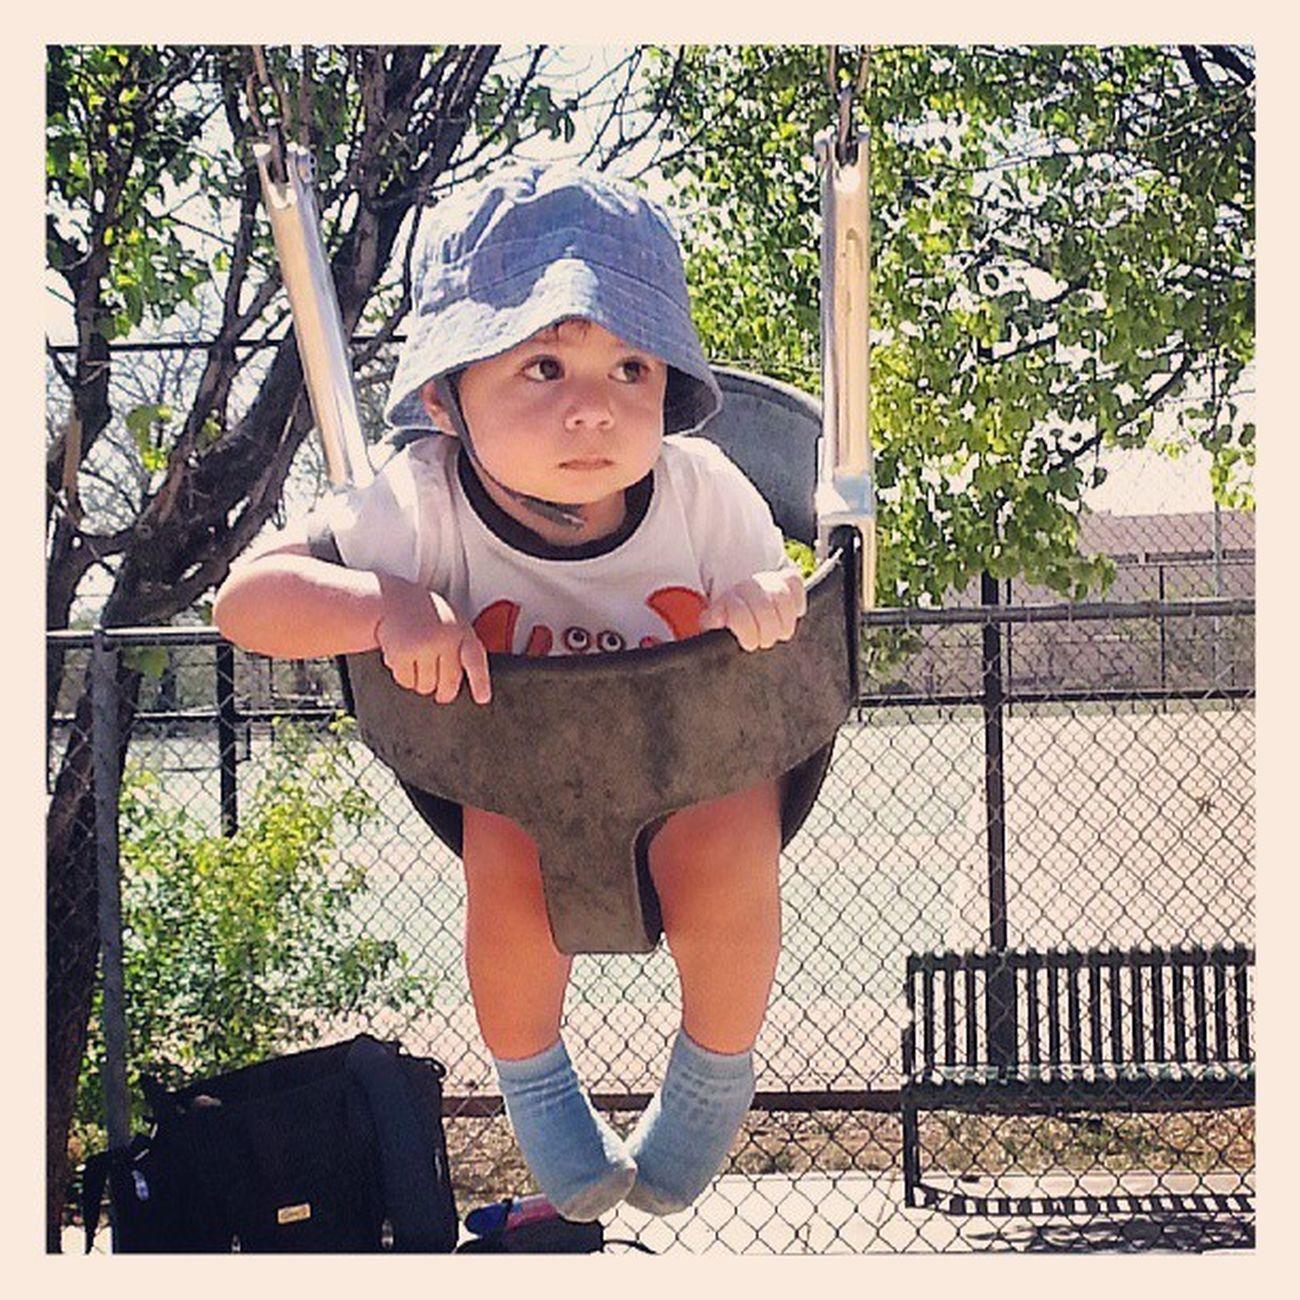 Looksscared Swings Dayatthepark Sunhat